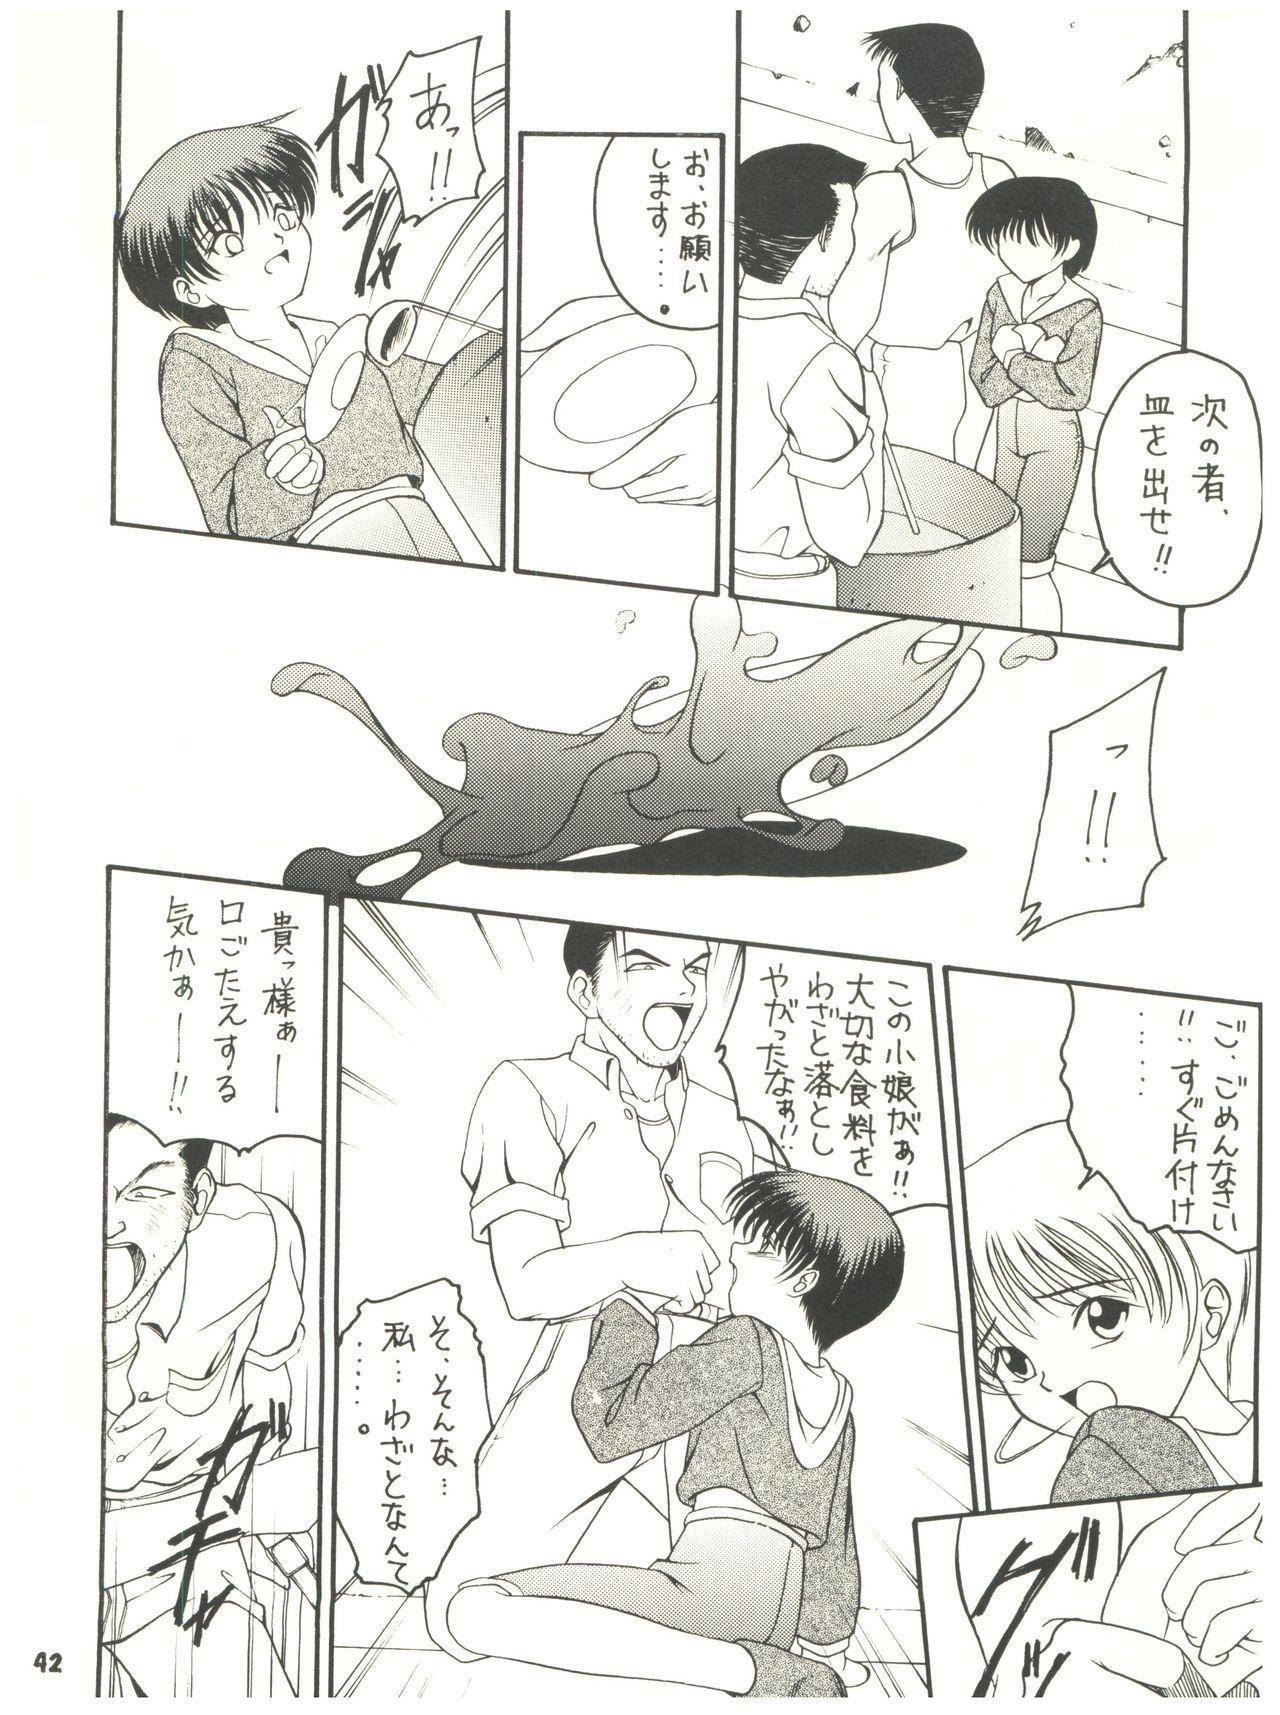 [Sairo Publishing (J. Sairo) En-Jack 2 (Various) 41